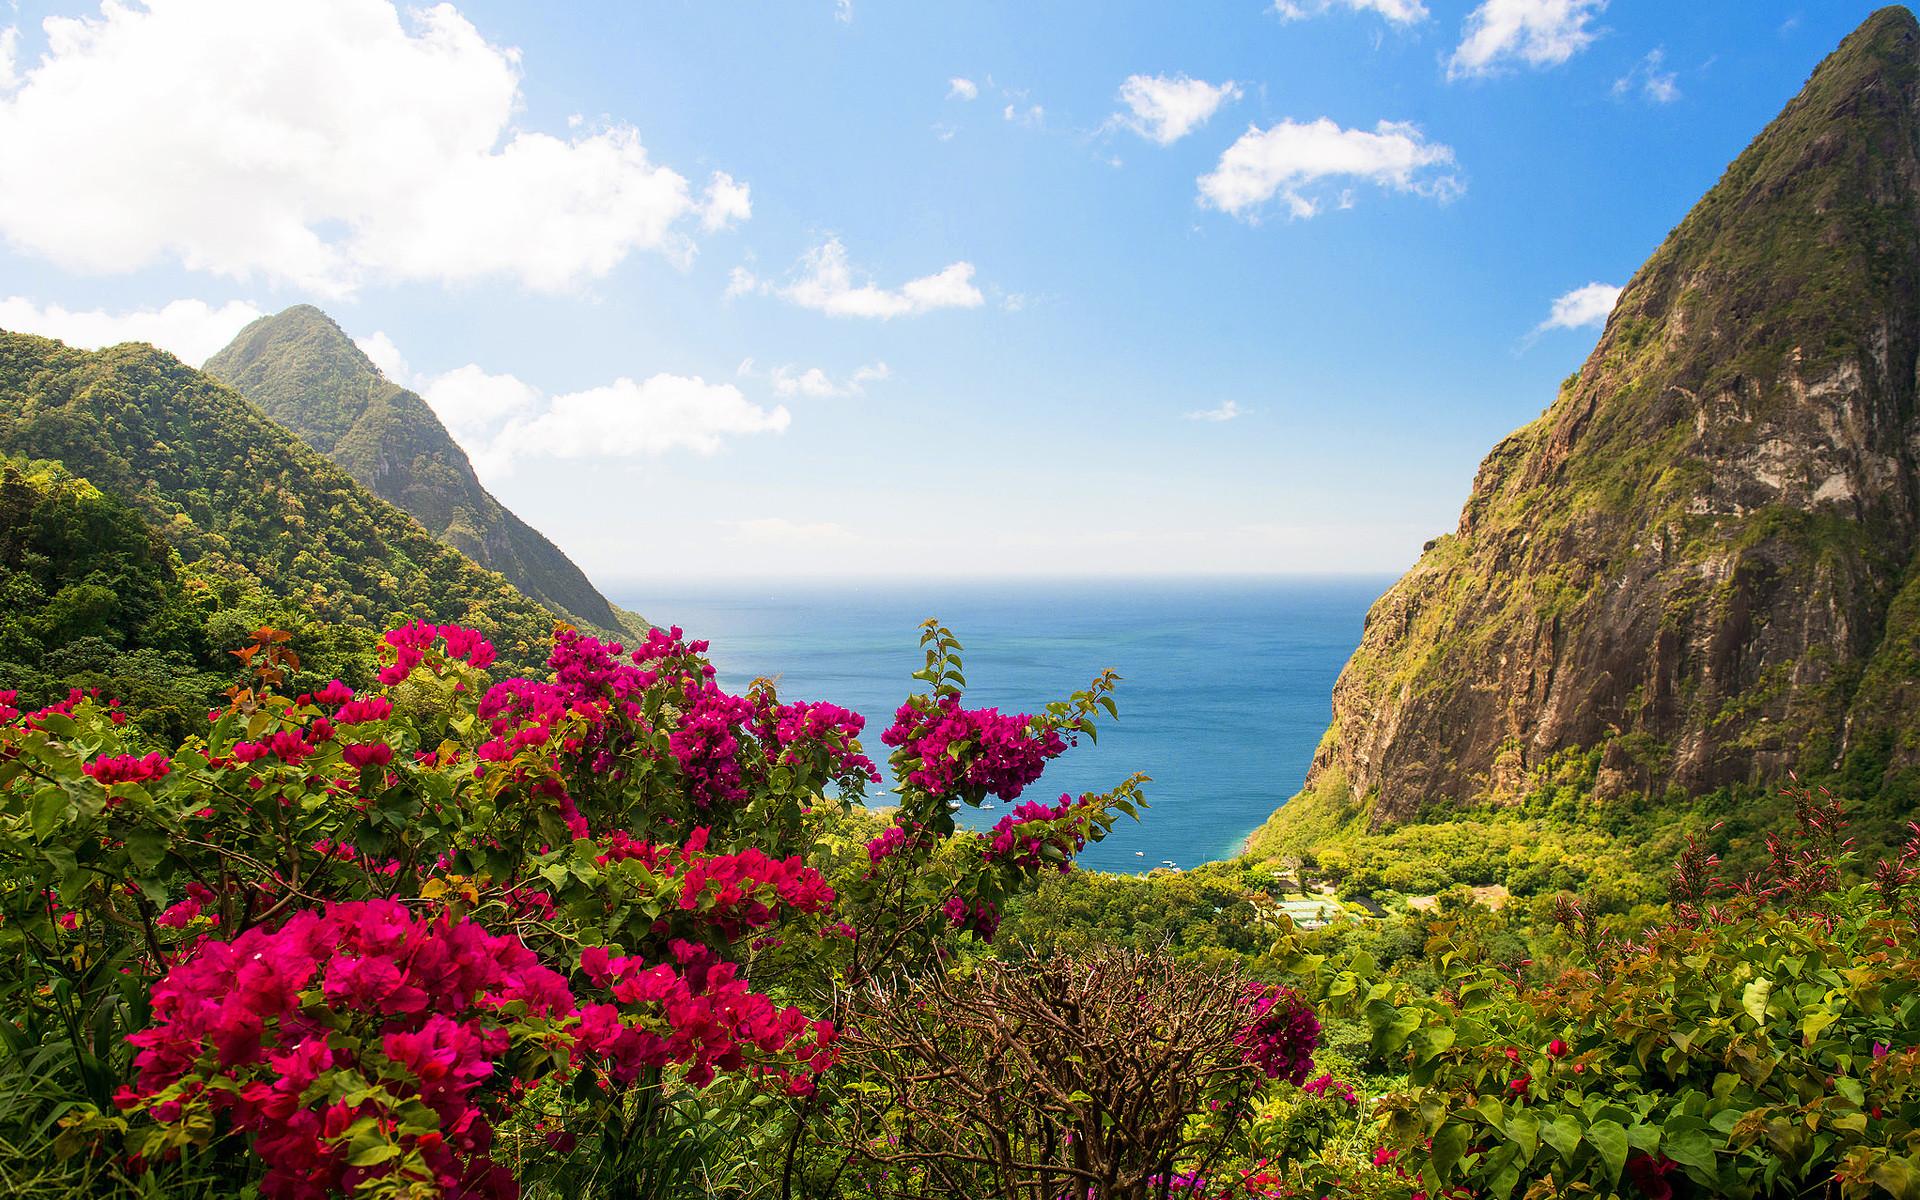 India Island Mountain Landscape